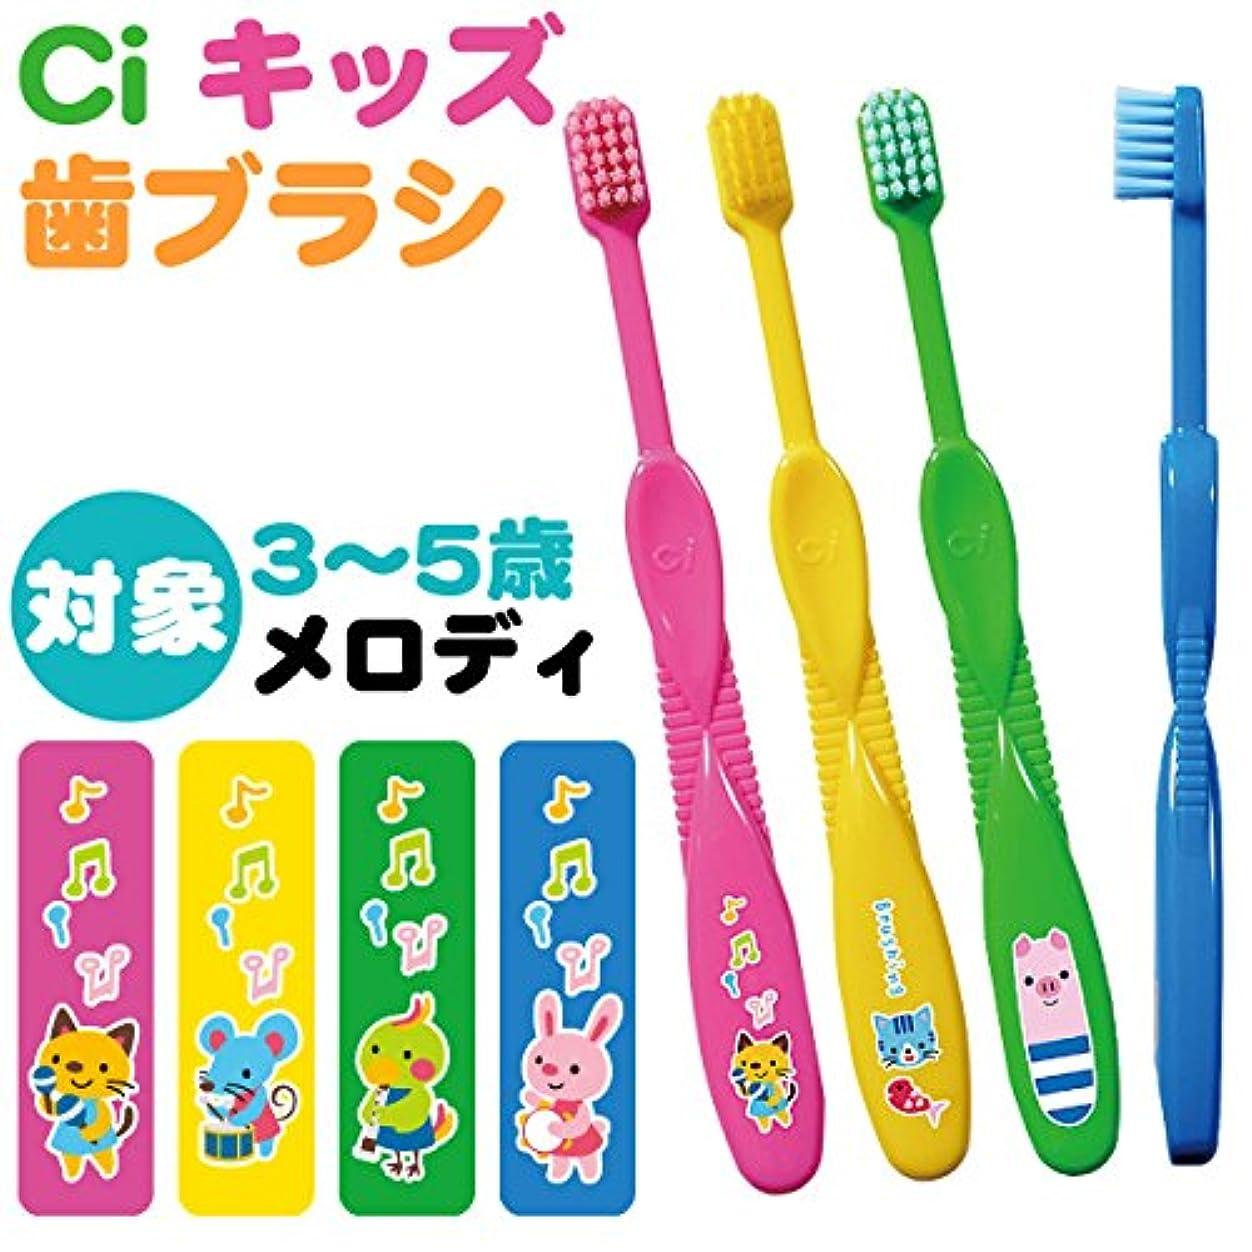 報復する自分の力ですべてをする罰するCiキッズ歯ブラシ メロディ柄 4本